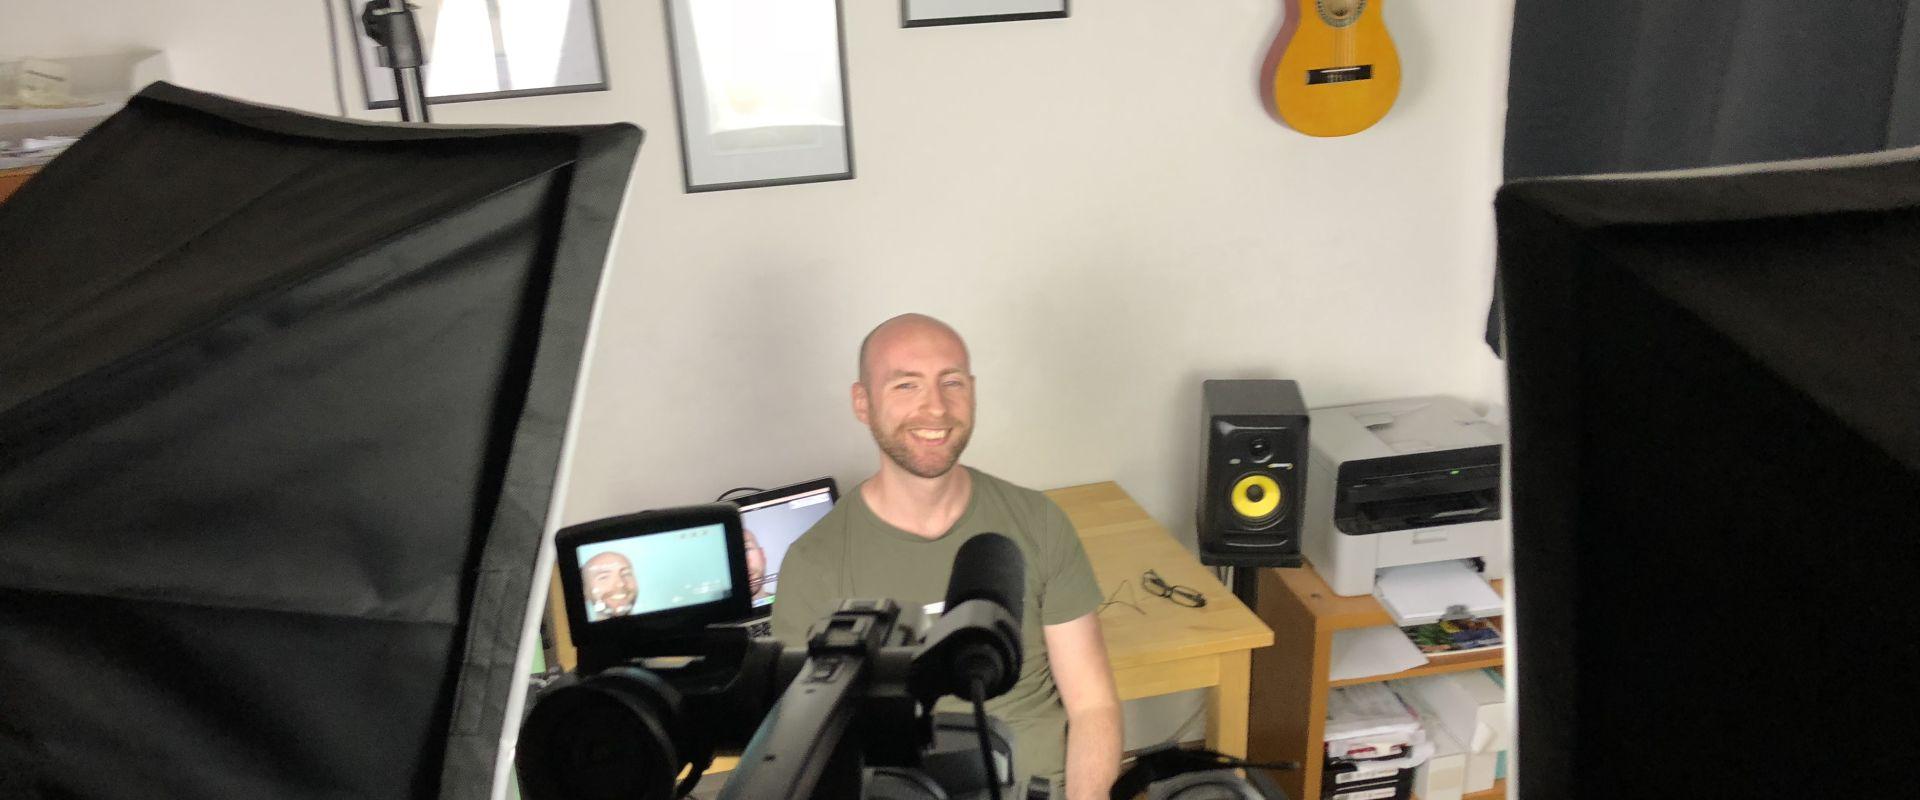 Titelbild des Blogartikels Lessondo plant kostenlose Video Interviews für alle LehrerInnen